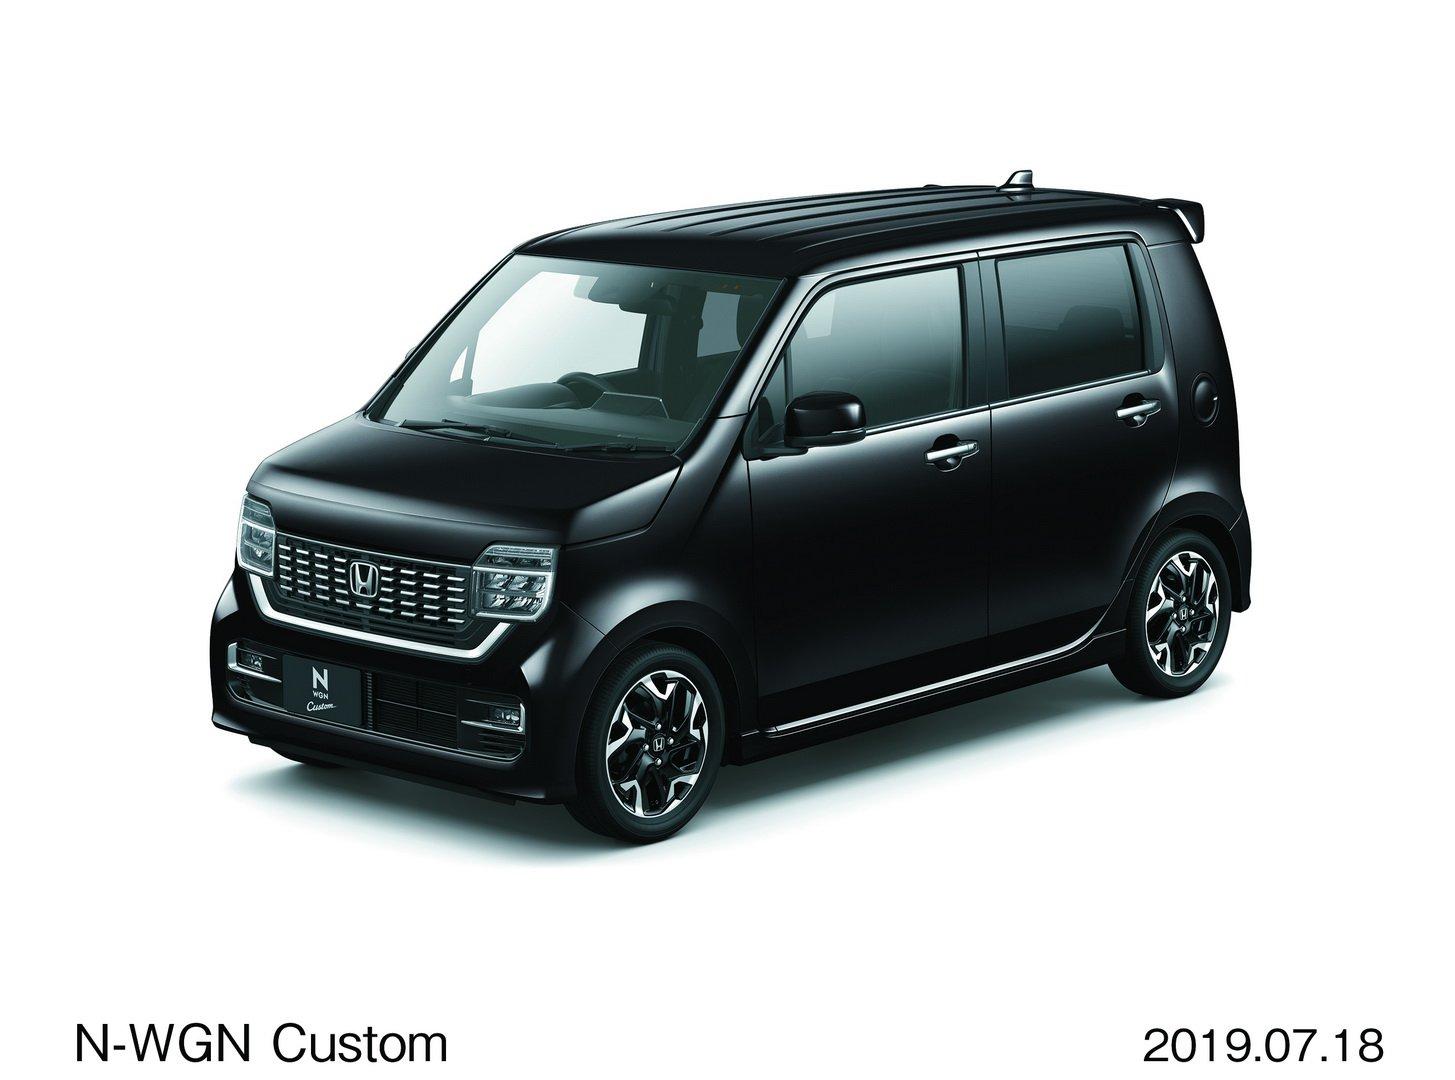 2020_Honda_N-WGN_0018